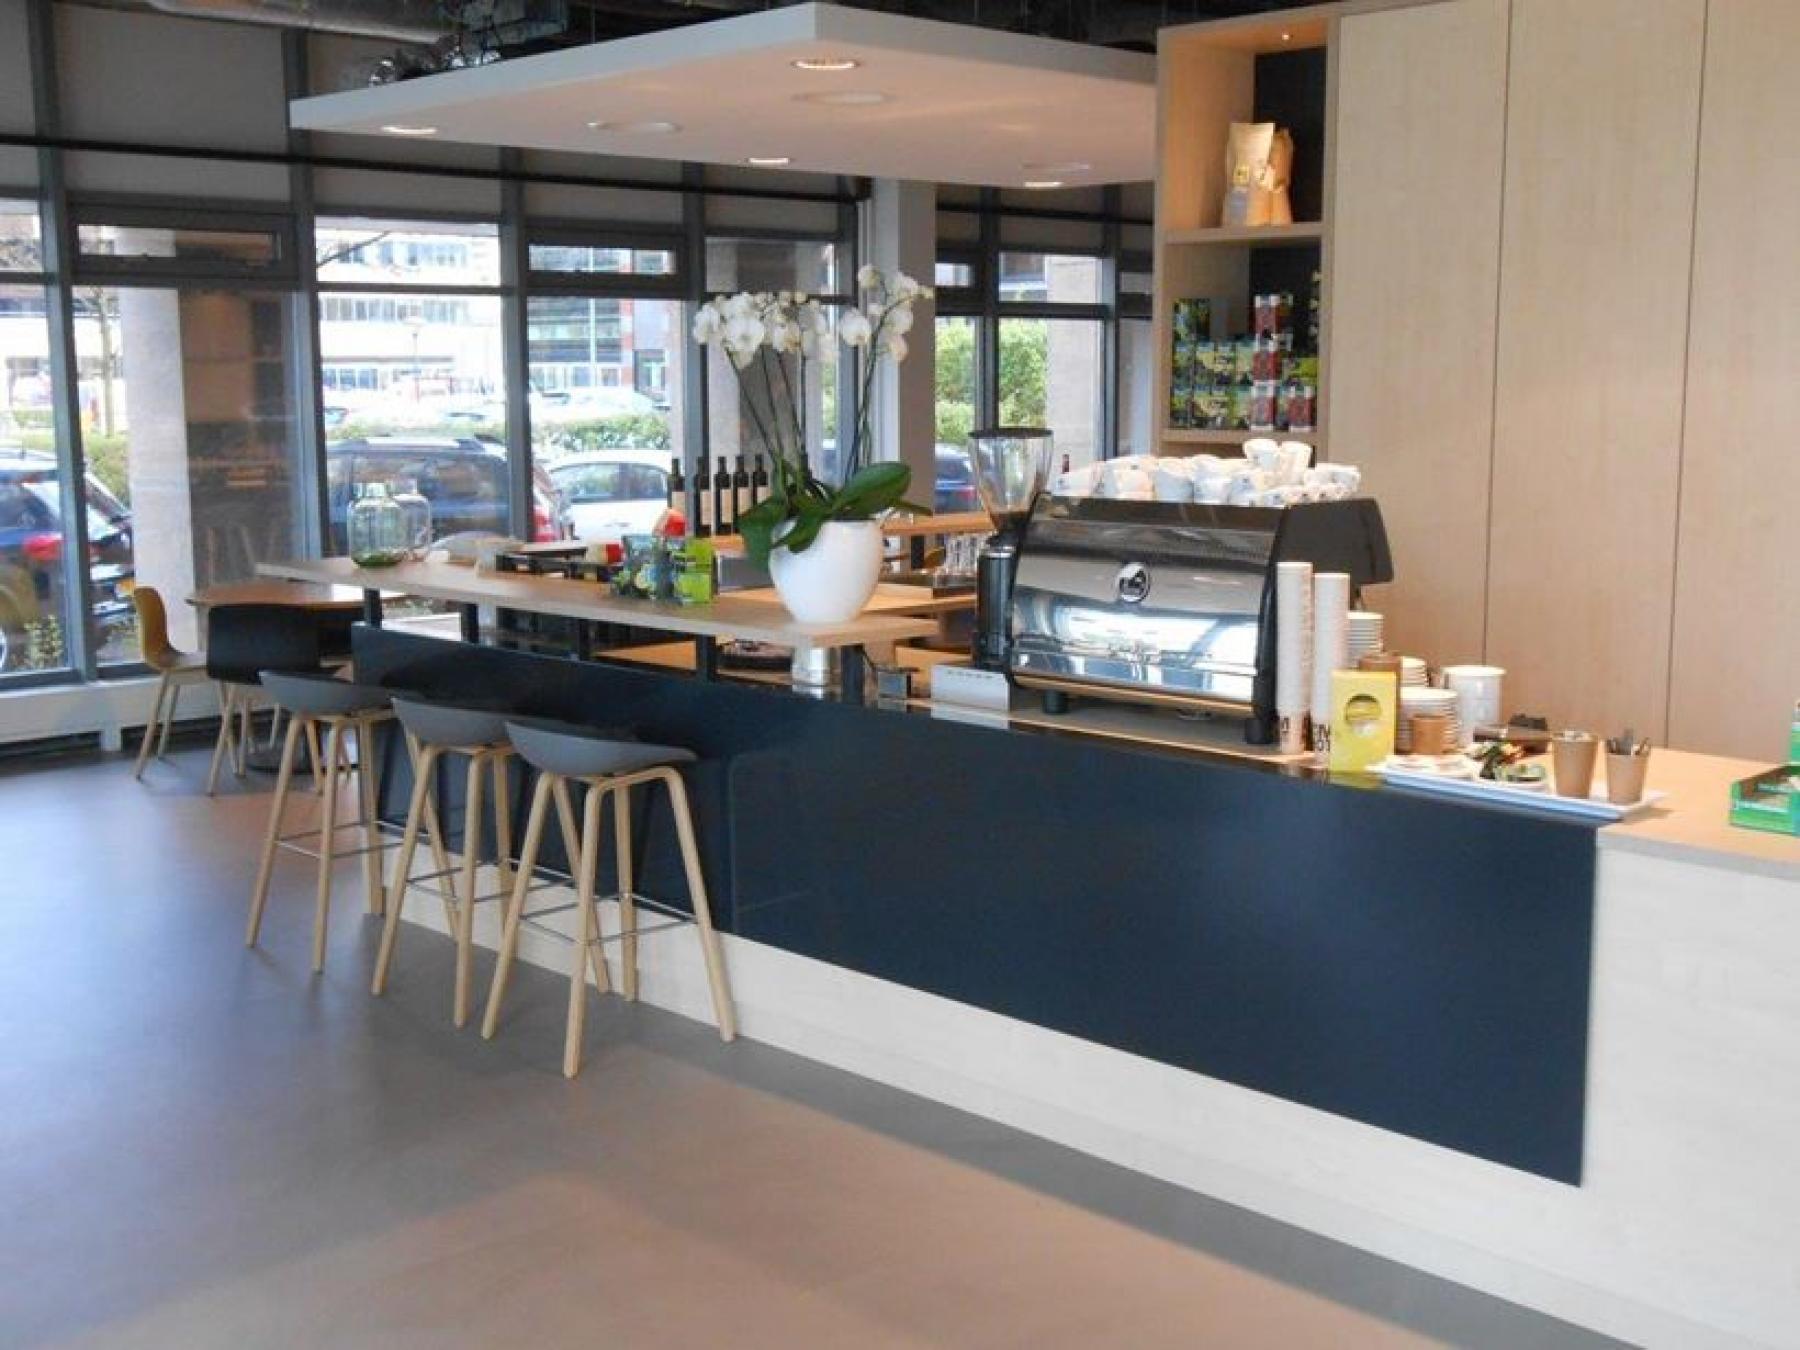 restaurant bar barkruk lunch ontbijt diner kantoor amsterdam zuidoost huren algemene gemeenschappelijke ruimte